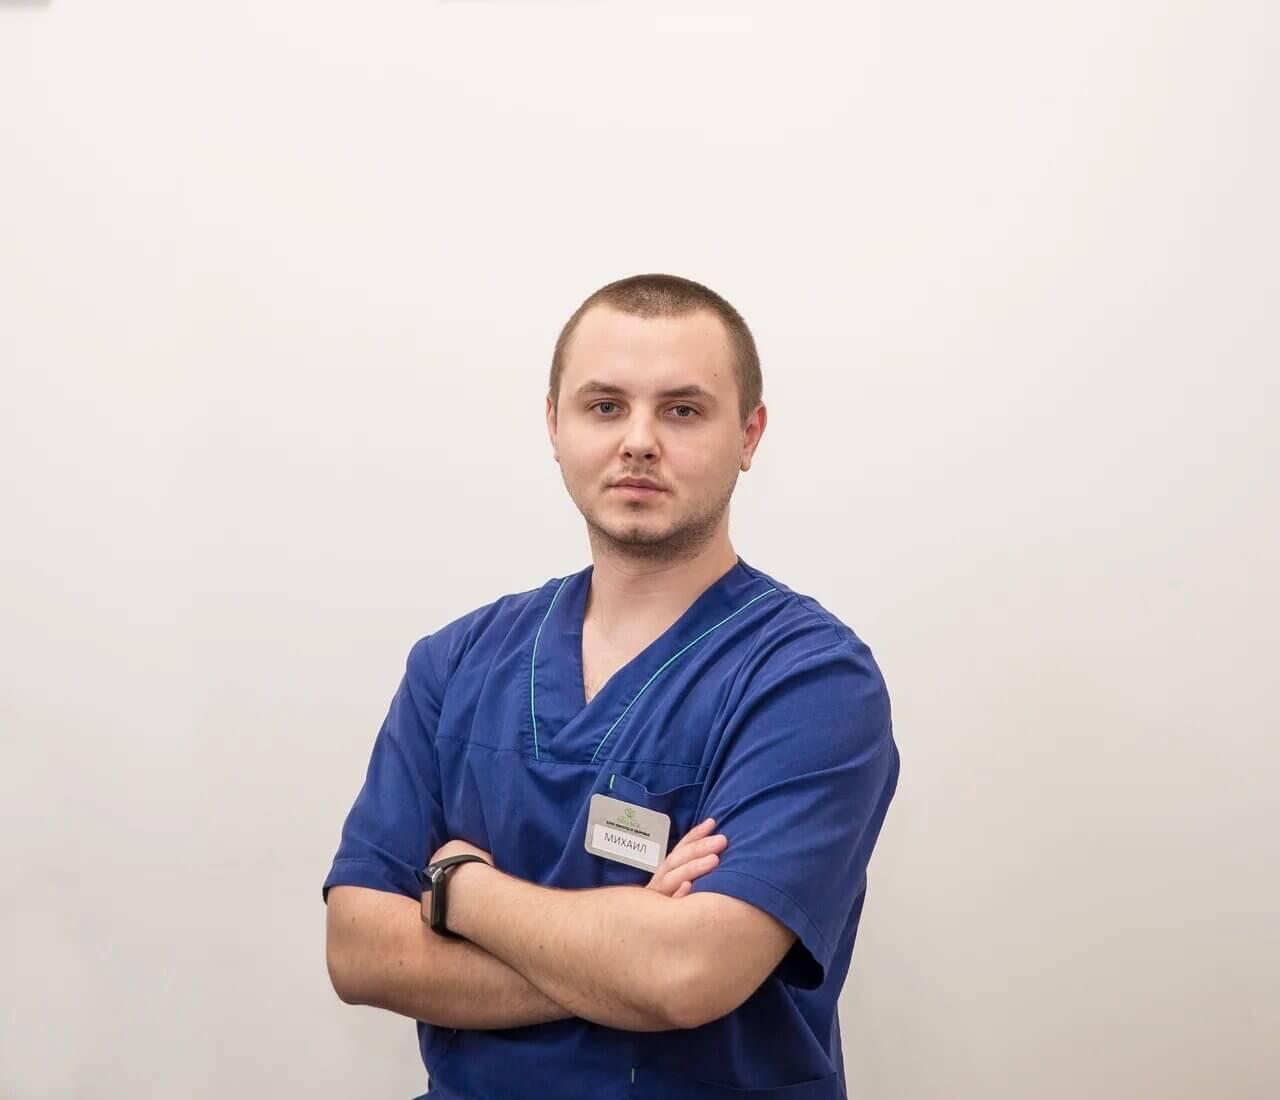 Мы рады представить Вам нашего массажиста – Михаила.